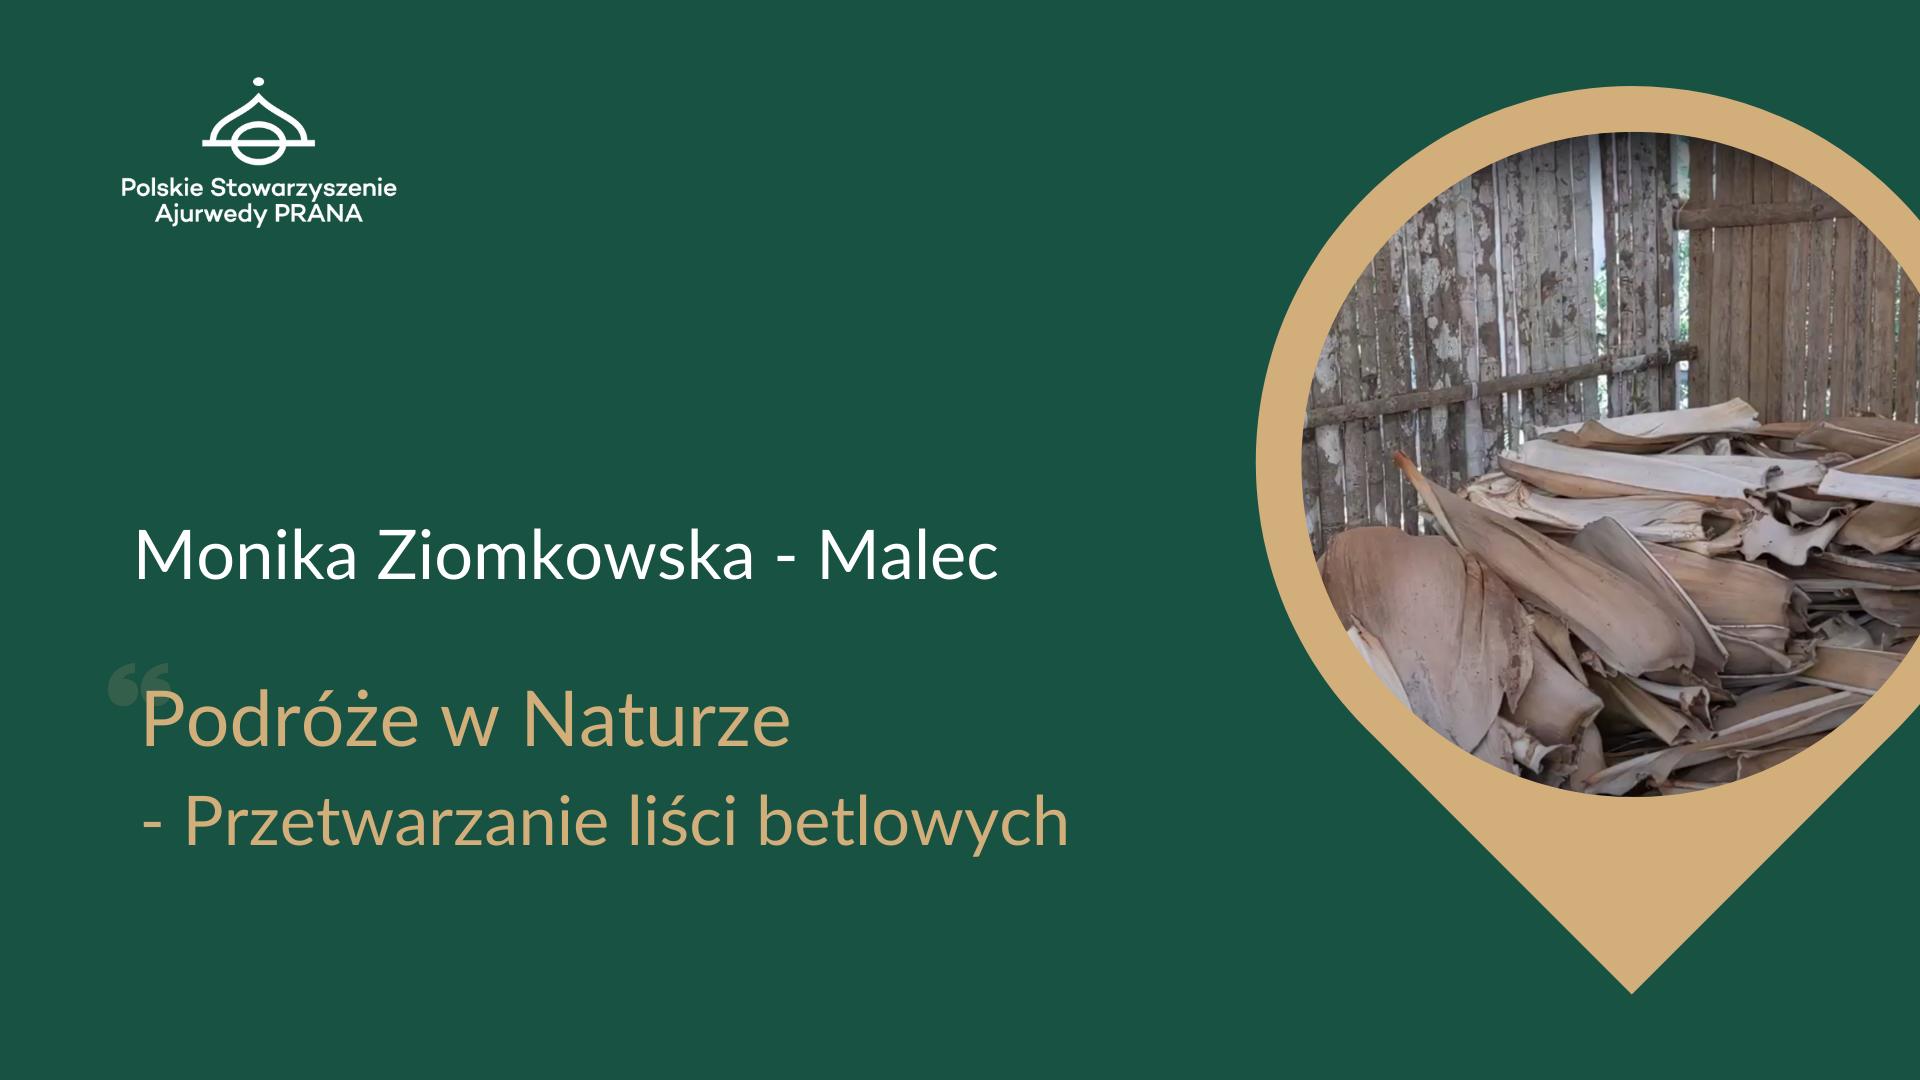 Podróże w Naturze – Przetwarzanie liści betlowych